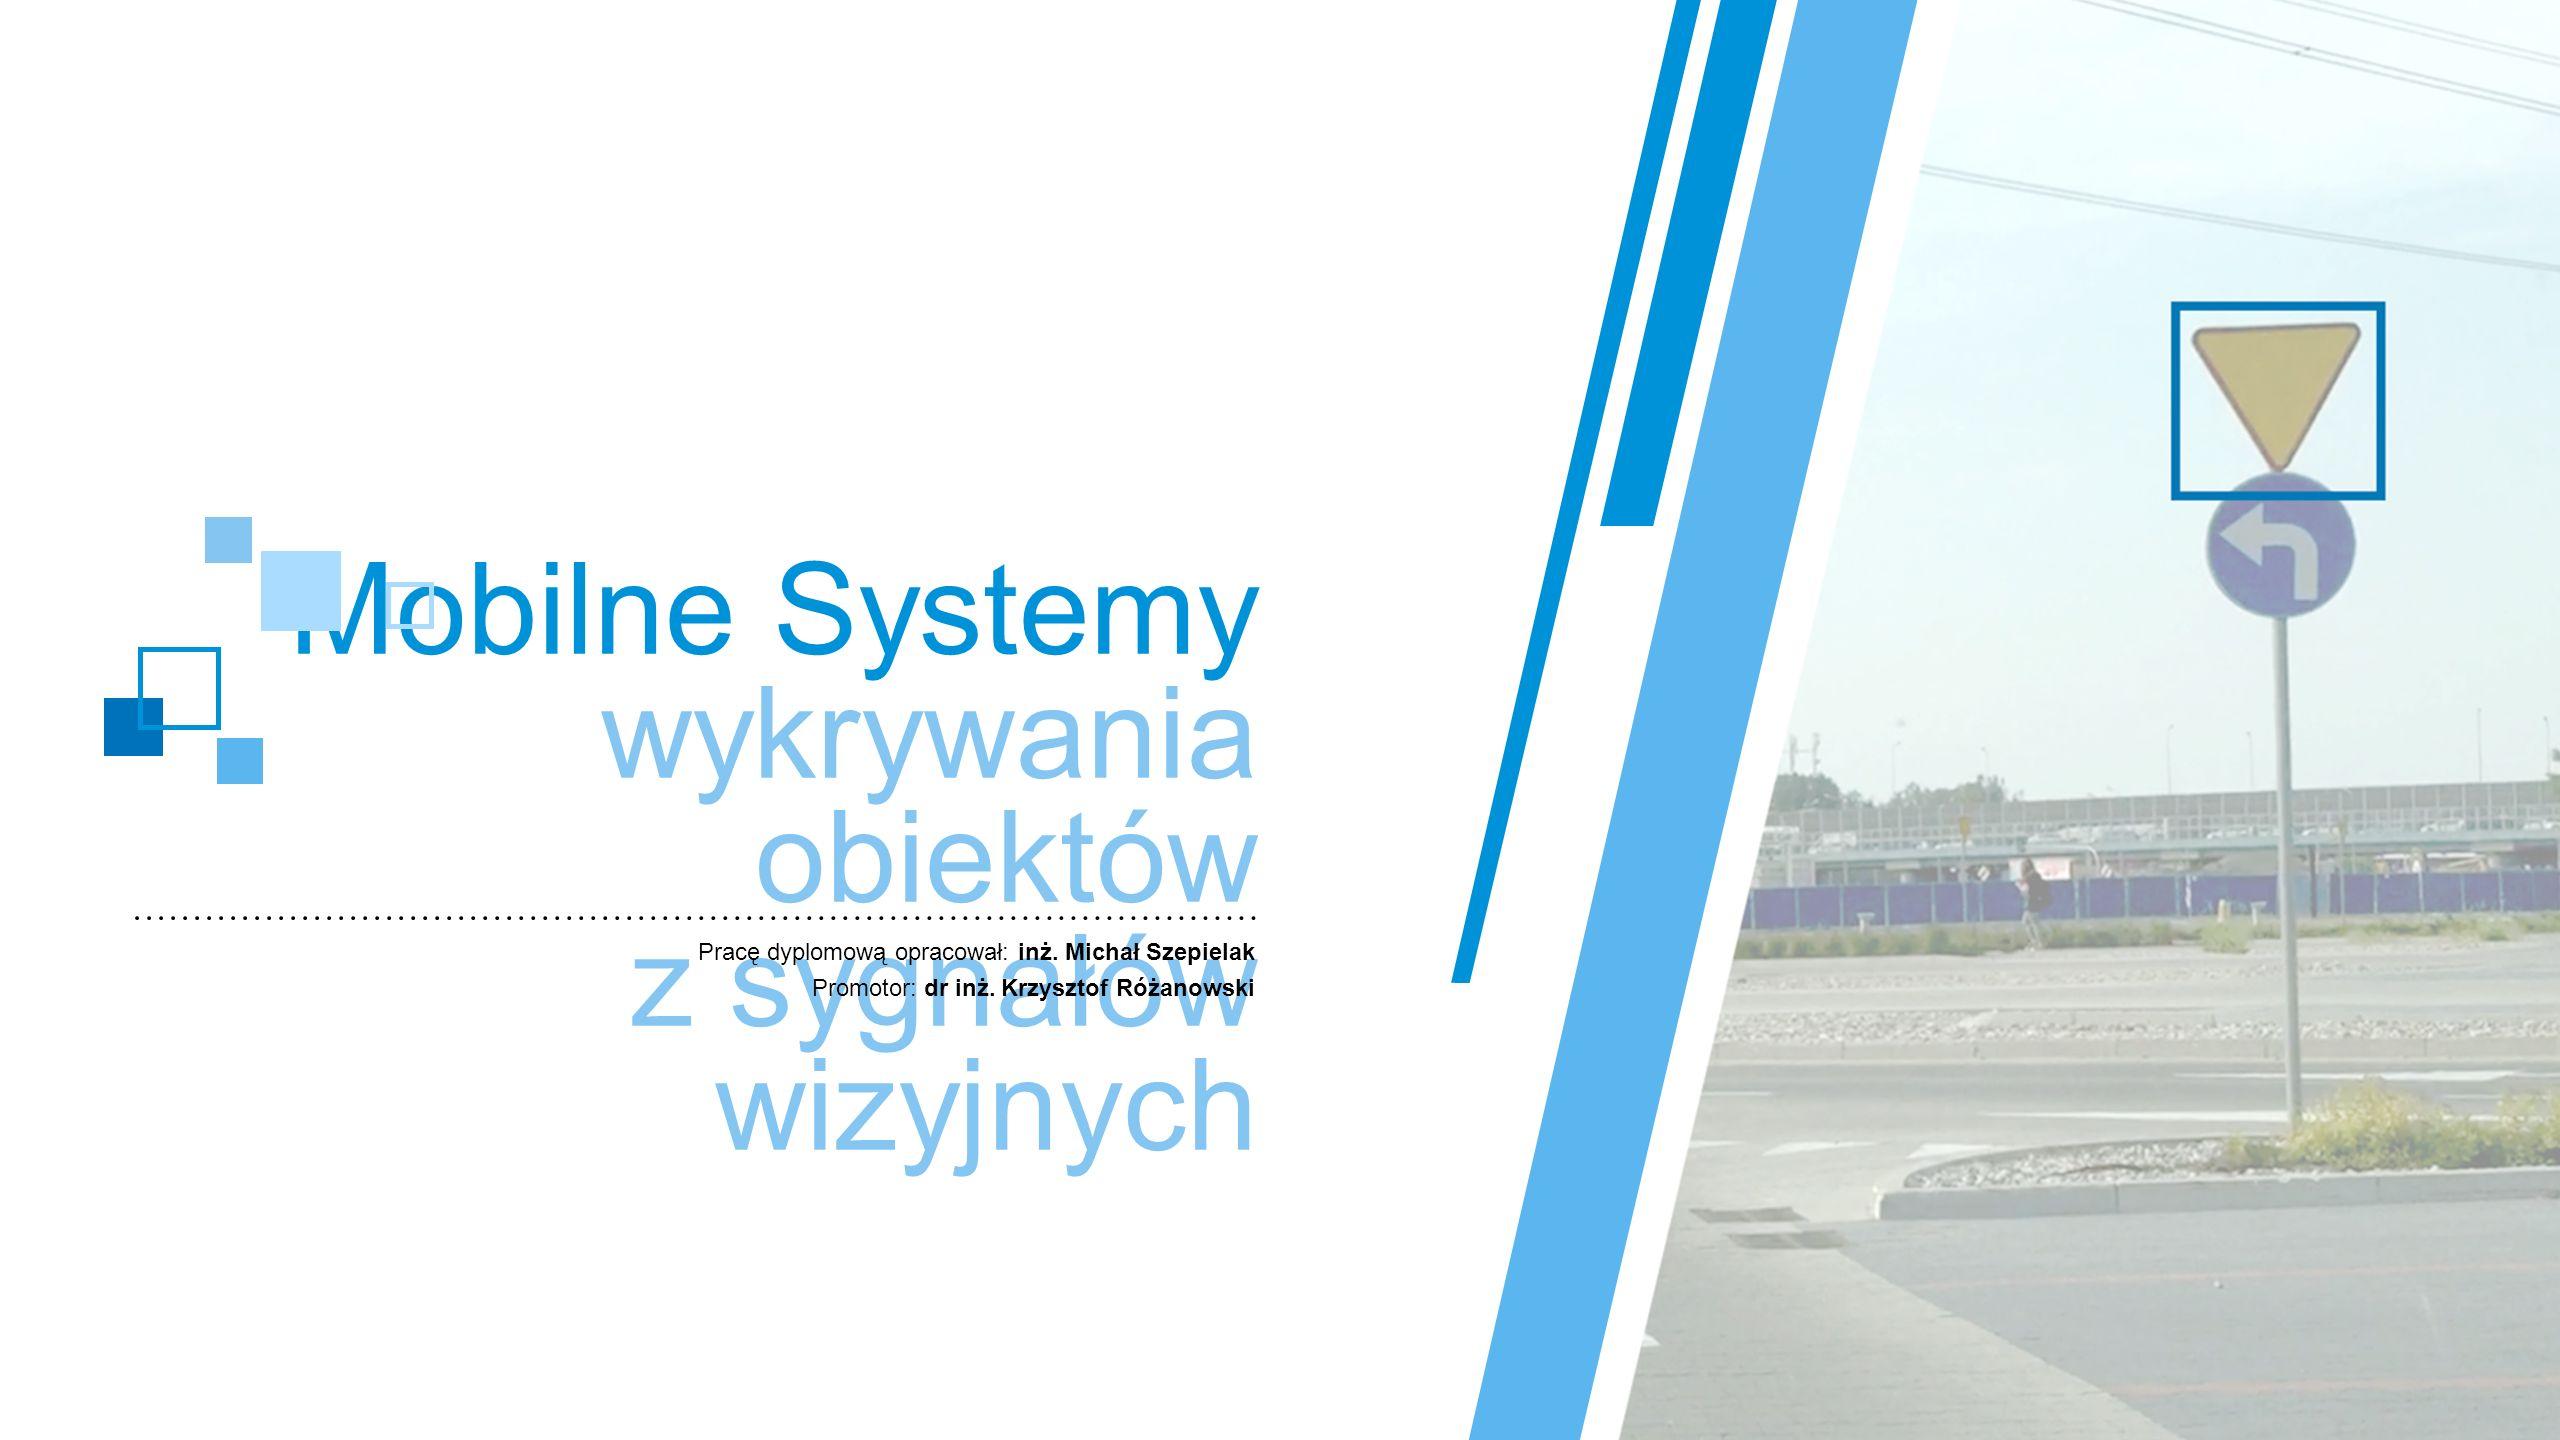 Mobilne Systemy wykrywania obiektów z sygnałów wizyjnych Pracę dyplomową opracował: inż. Michał Szepielak Promotor: dr inż. Krzysztof Różanowski